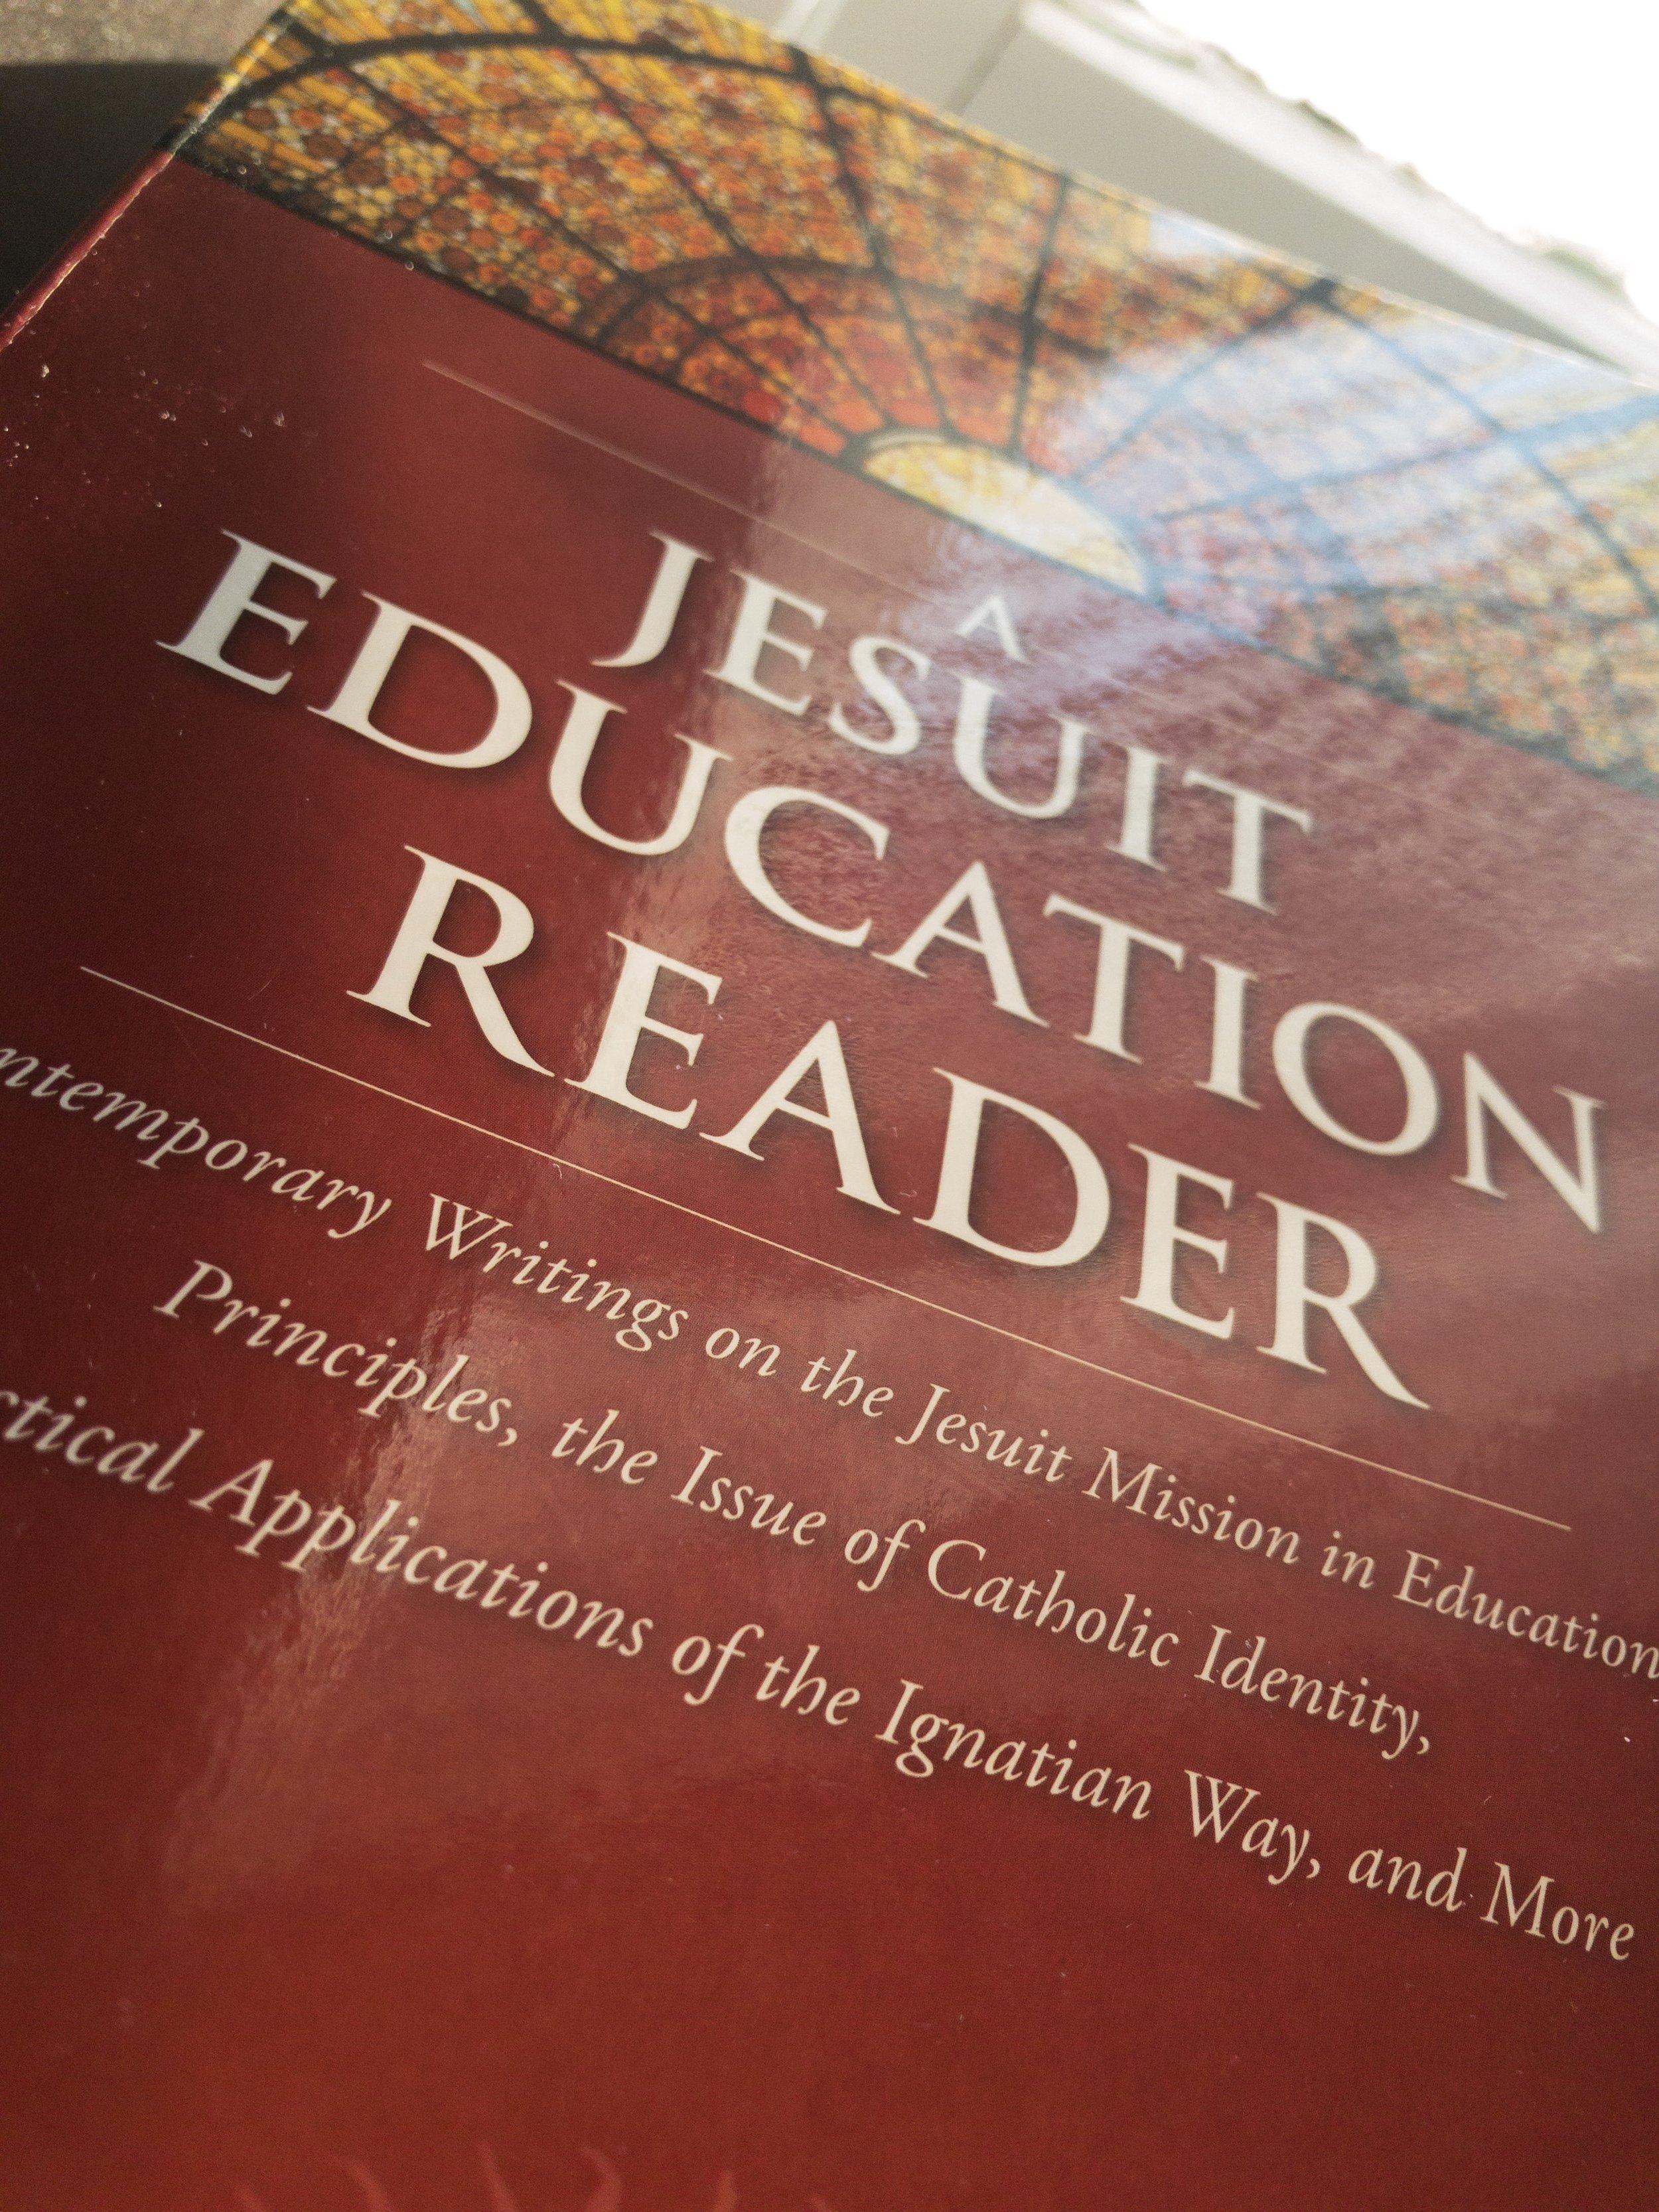 Photo of  A Jesuit Education Reader  Courtesy of Rockhurst University